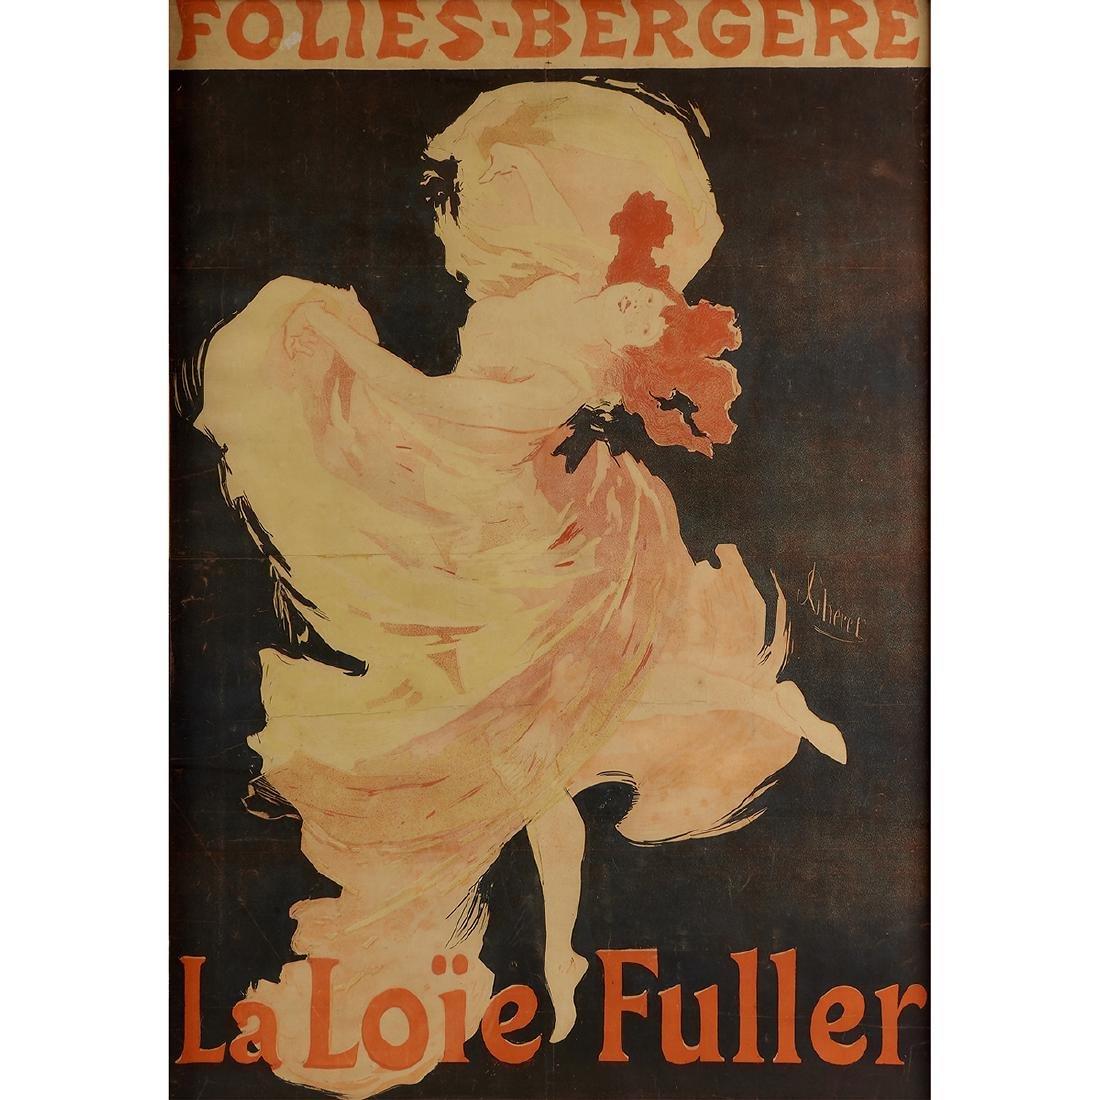 Jules Cheret, Folies-Bergère, La Loïe Fulle